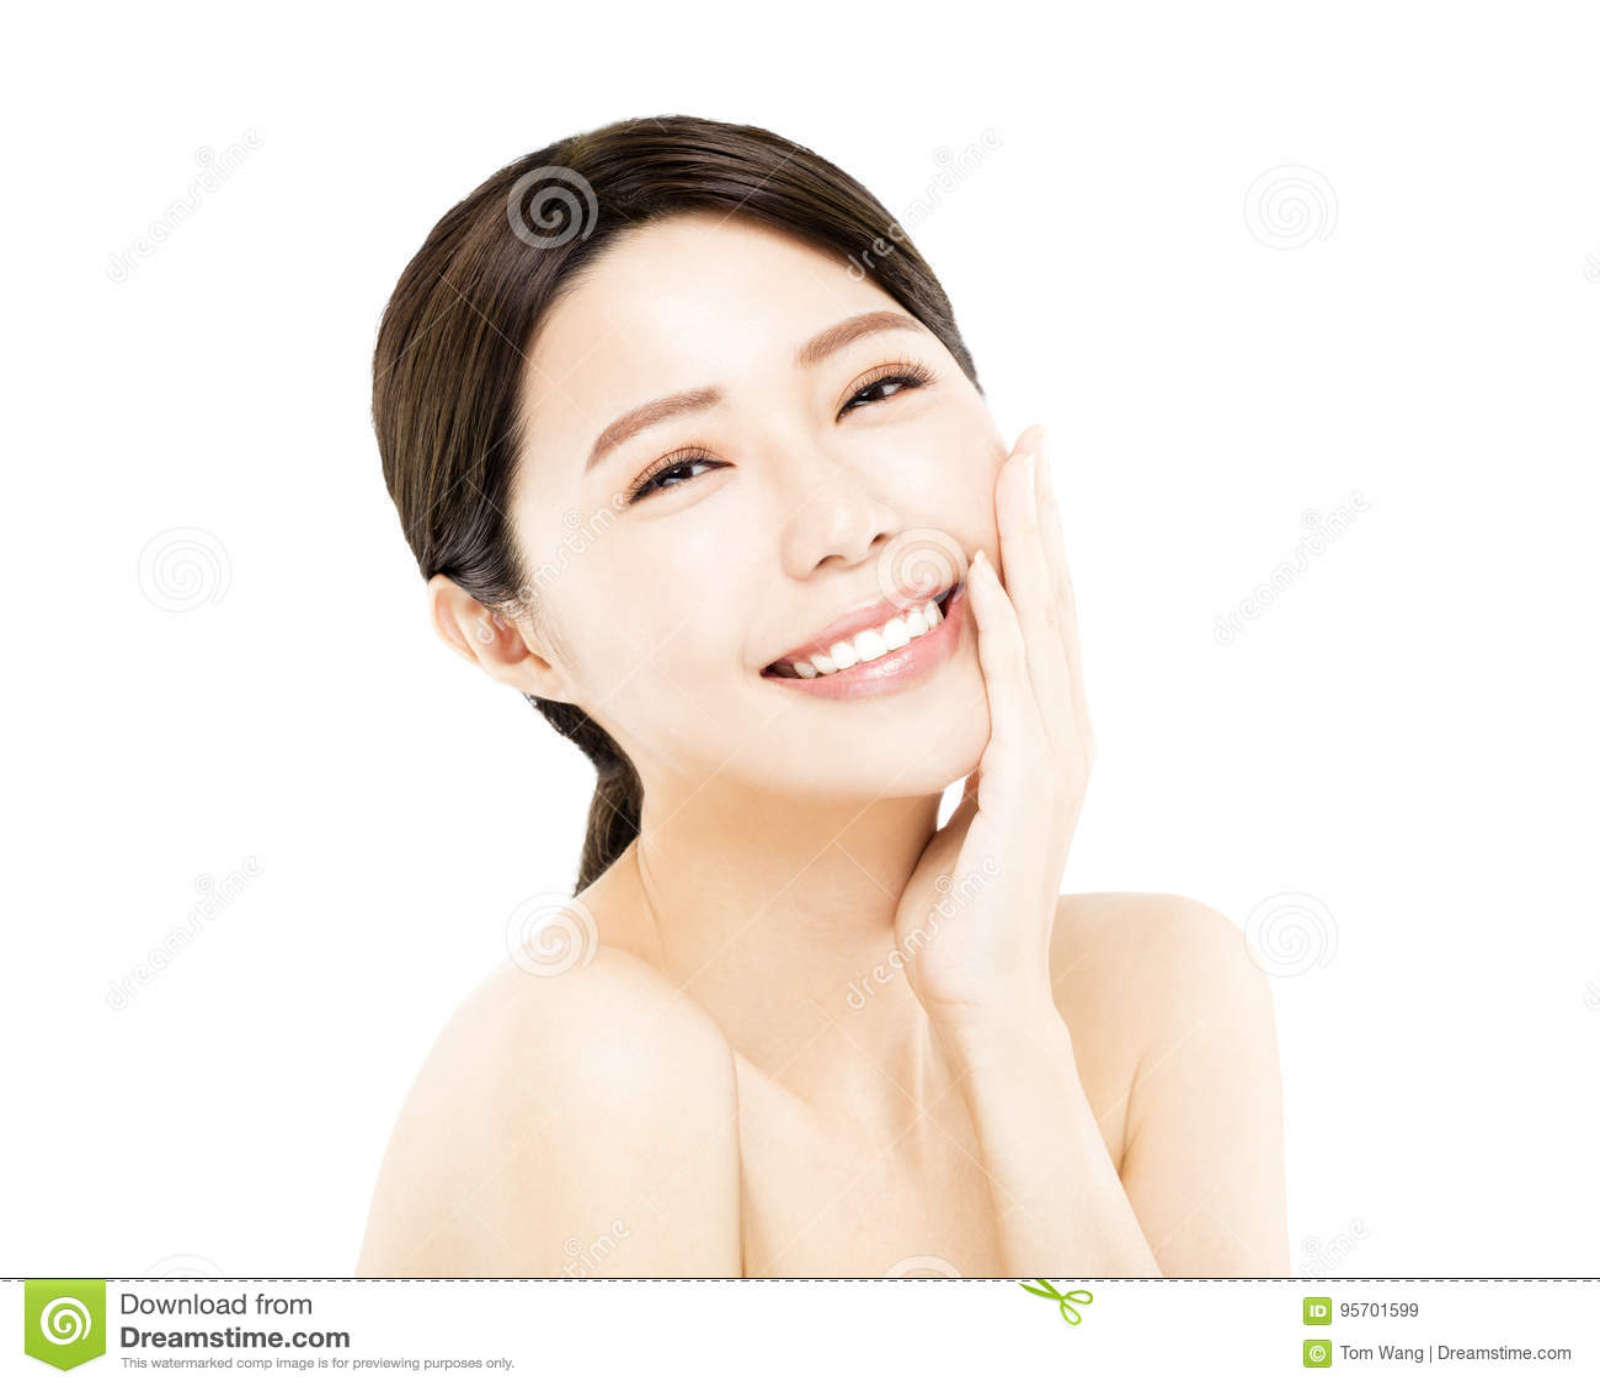 Ευτυχές νέο πρόσωπο ομορφιάς γυναικών